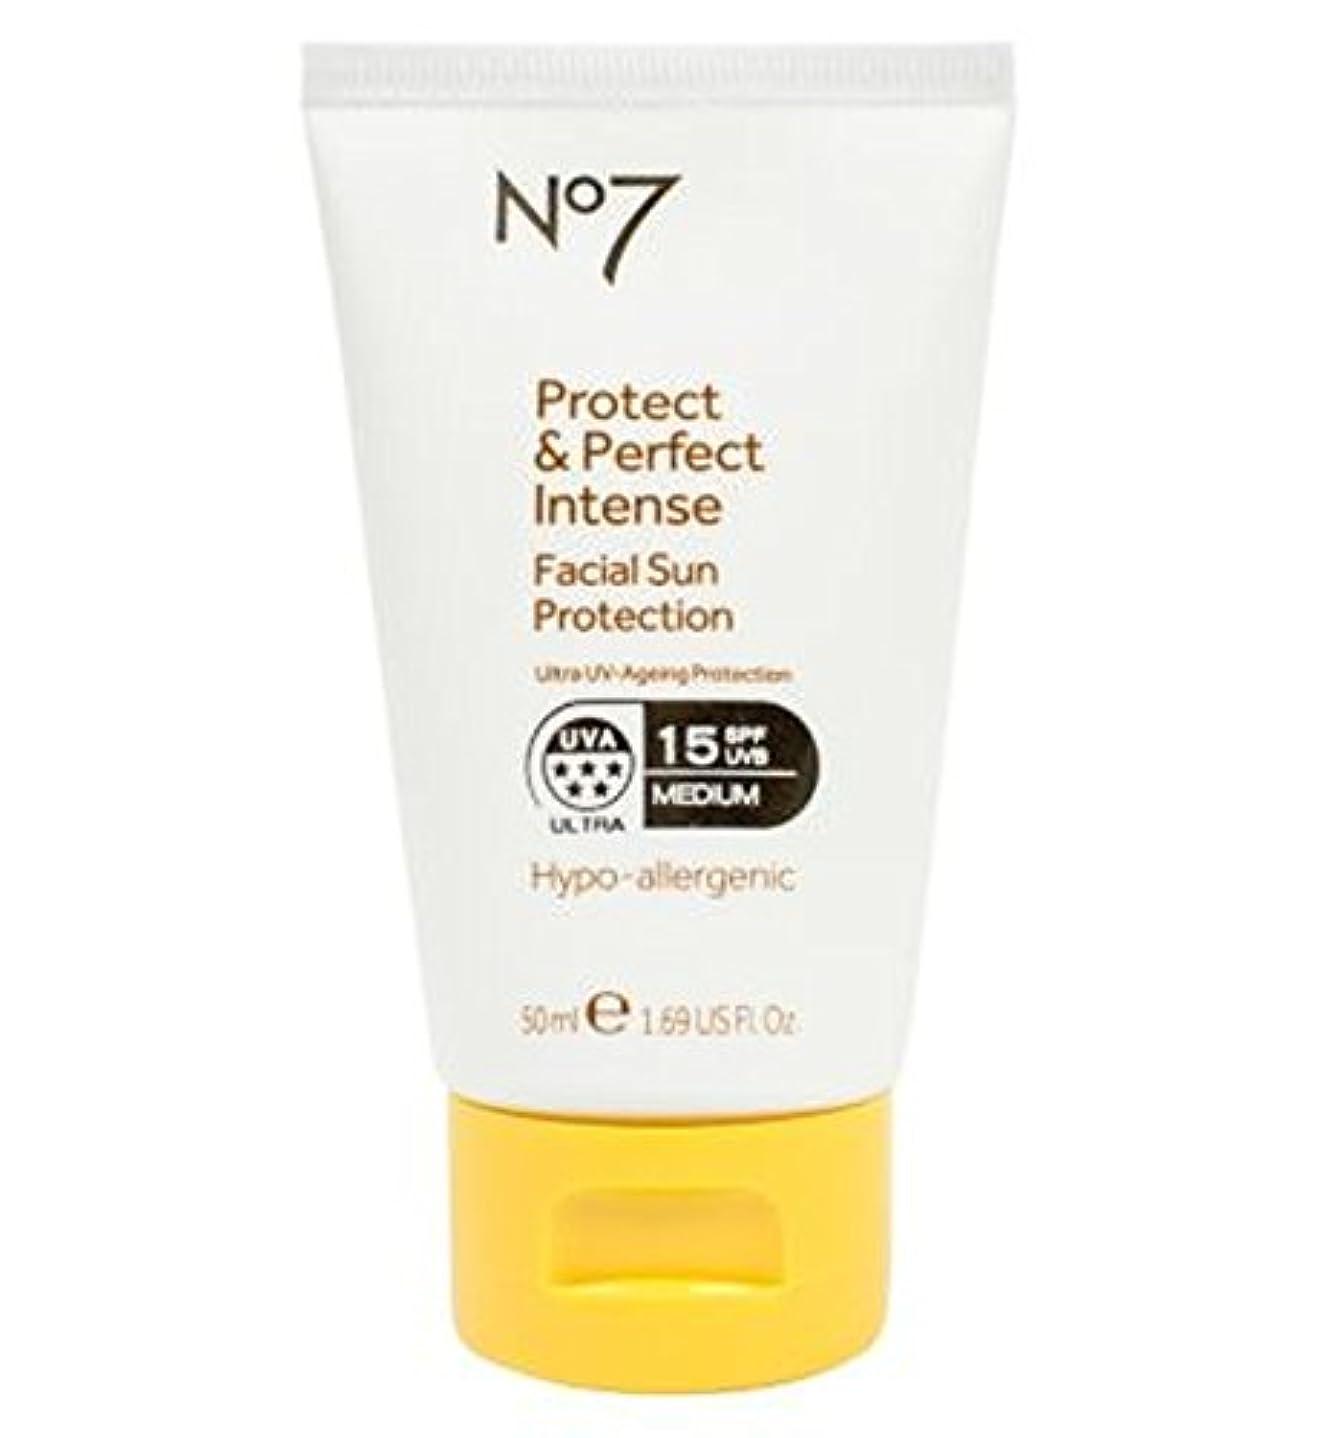 食料品店アラーム臭いNo7 Protect & Perfect Intense Facial Sun Protection SPF 15 50ml - No7保護&完璧な強烈な顔の日焼け防止Spf 15 50ミリリットル (No7) [並行輸入品]